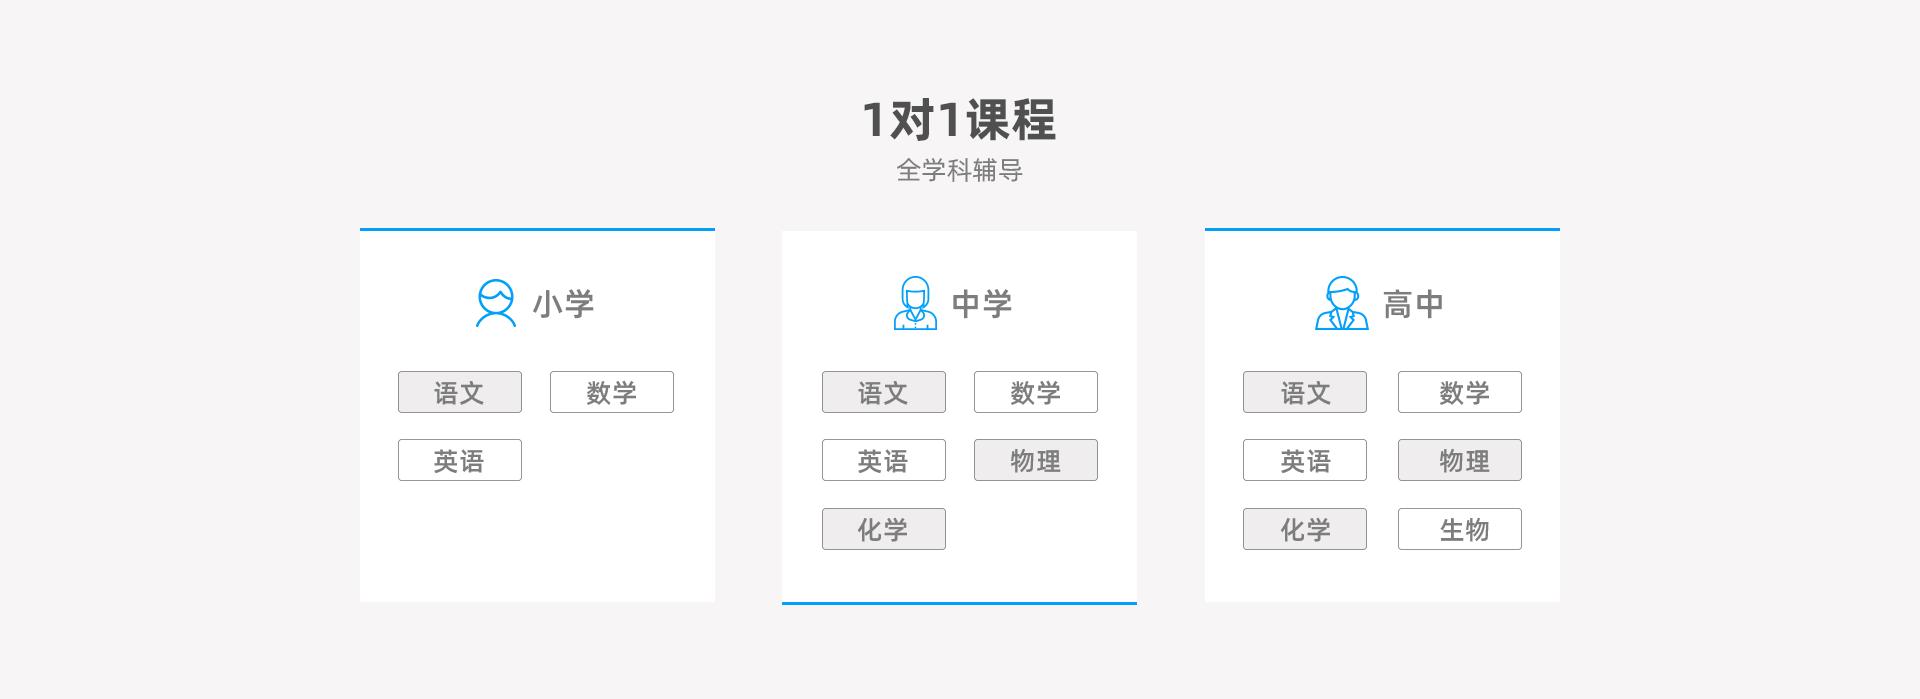 1对1官网画面_03.png